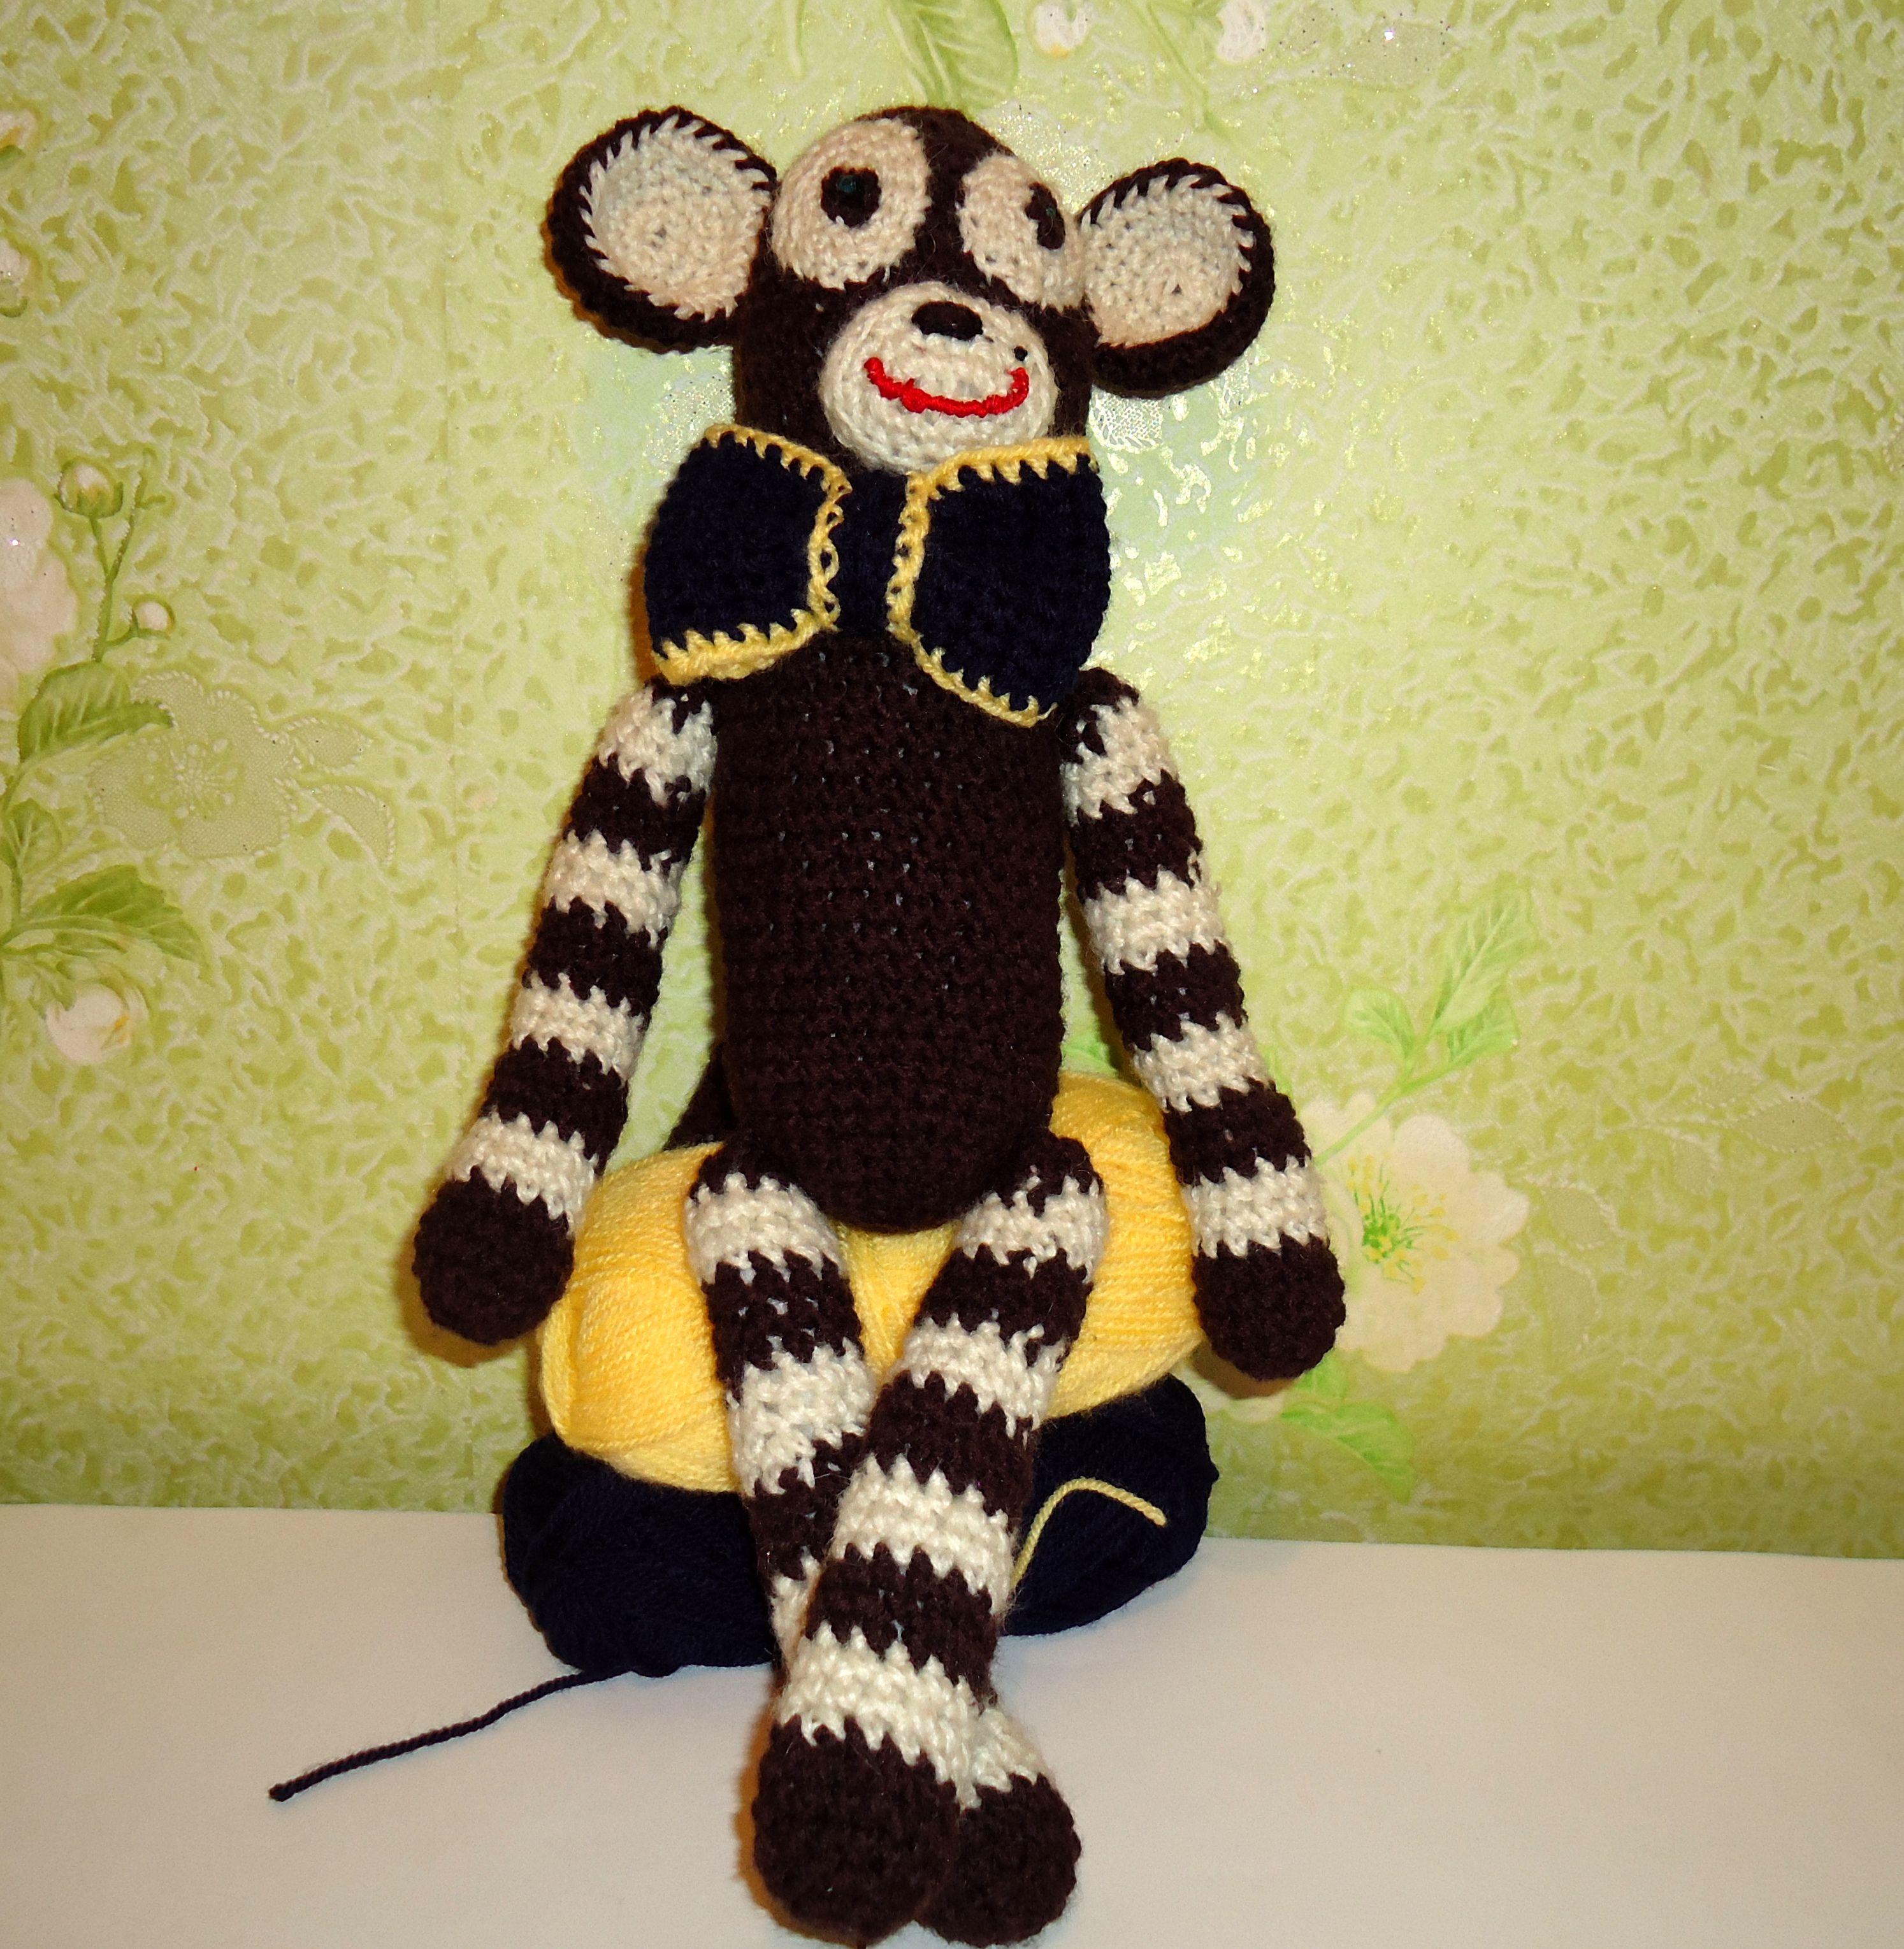 вязаные игрушки дети хендмейд лучшийдруг мавпочка амигруми